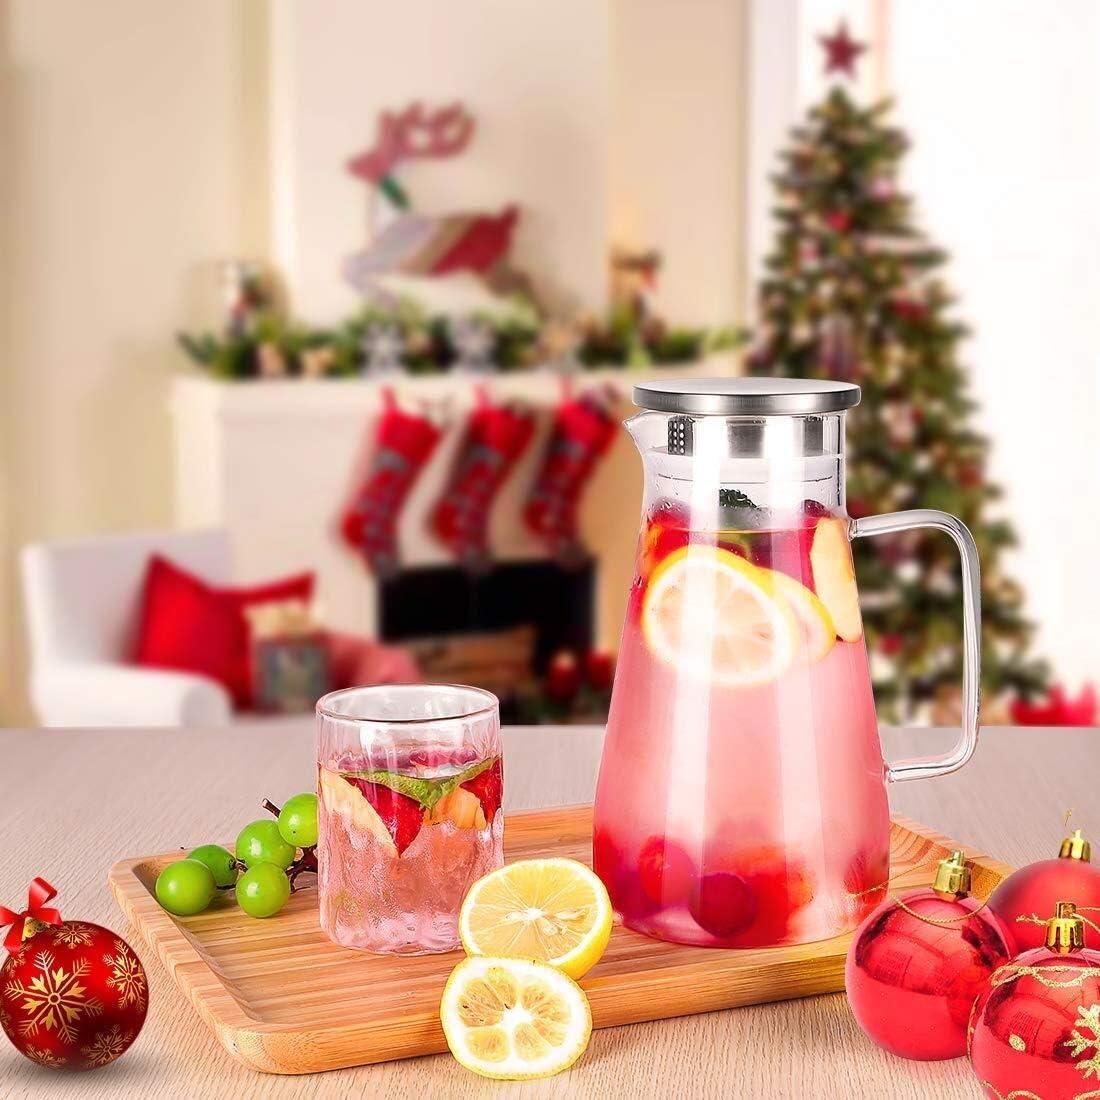 Hausgemachte Juice /& Eistee Pinsel Und Coaster Inklusive Borosilicatglas Pitcher For Warm//Kalt Wasser 2,6 Liter Wasserkaraffe Mit Easy Ausgusst/ülle Und Griff Glas Wasser-Krug Mit Deckel